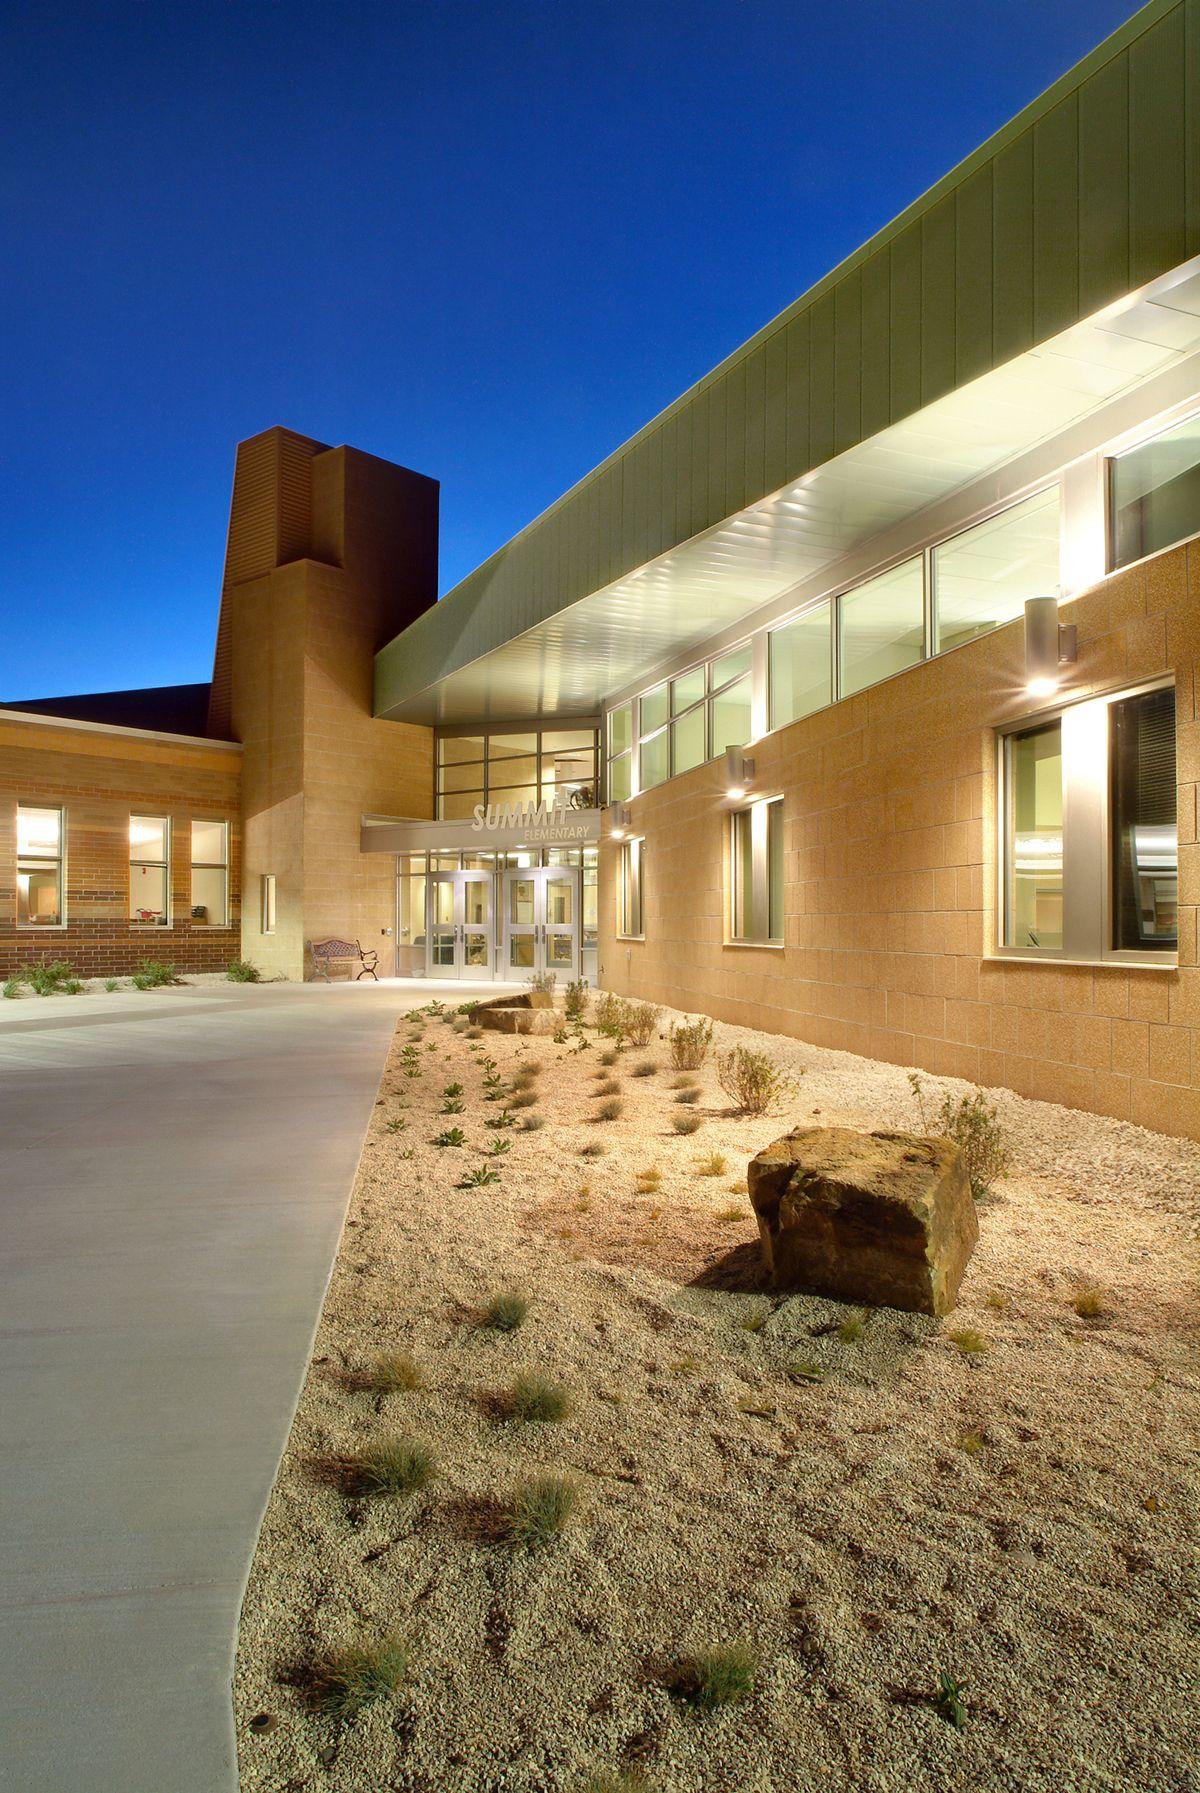 Summit Elementary School Lee H Skolnick Architecture Design